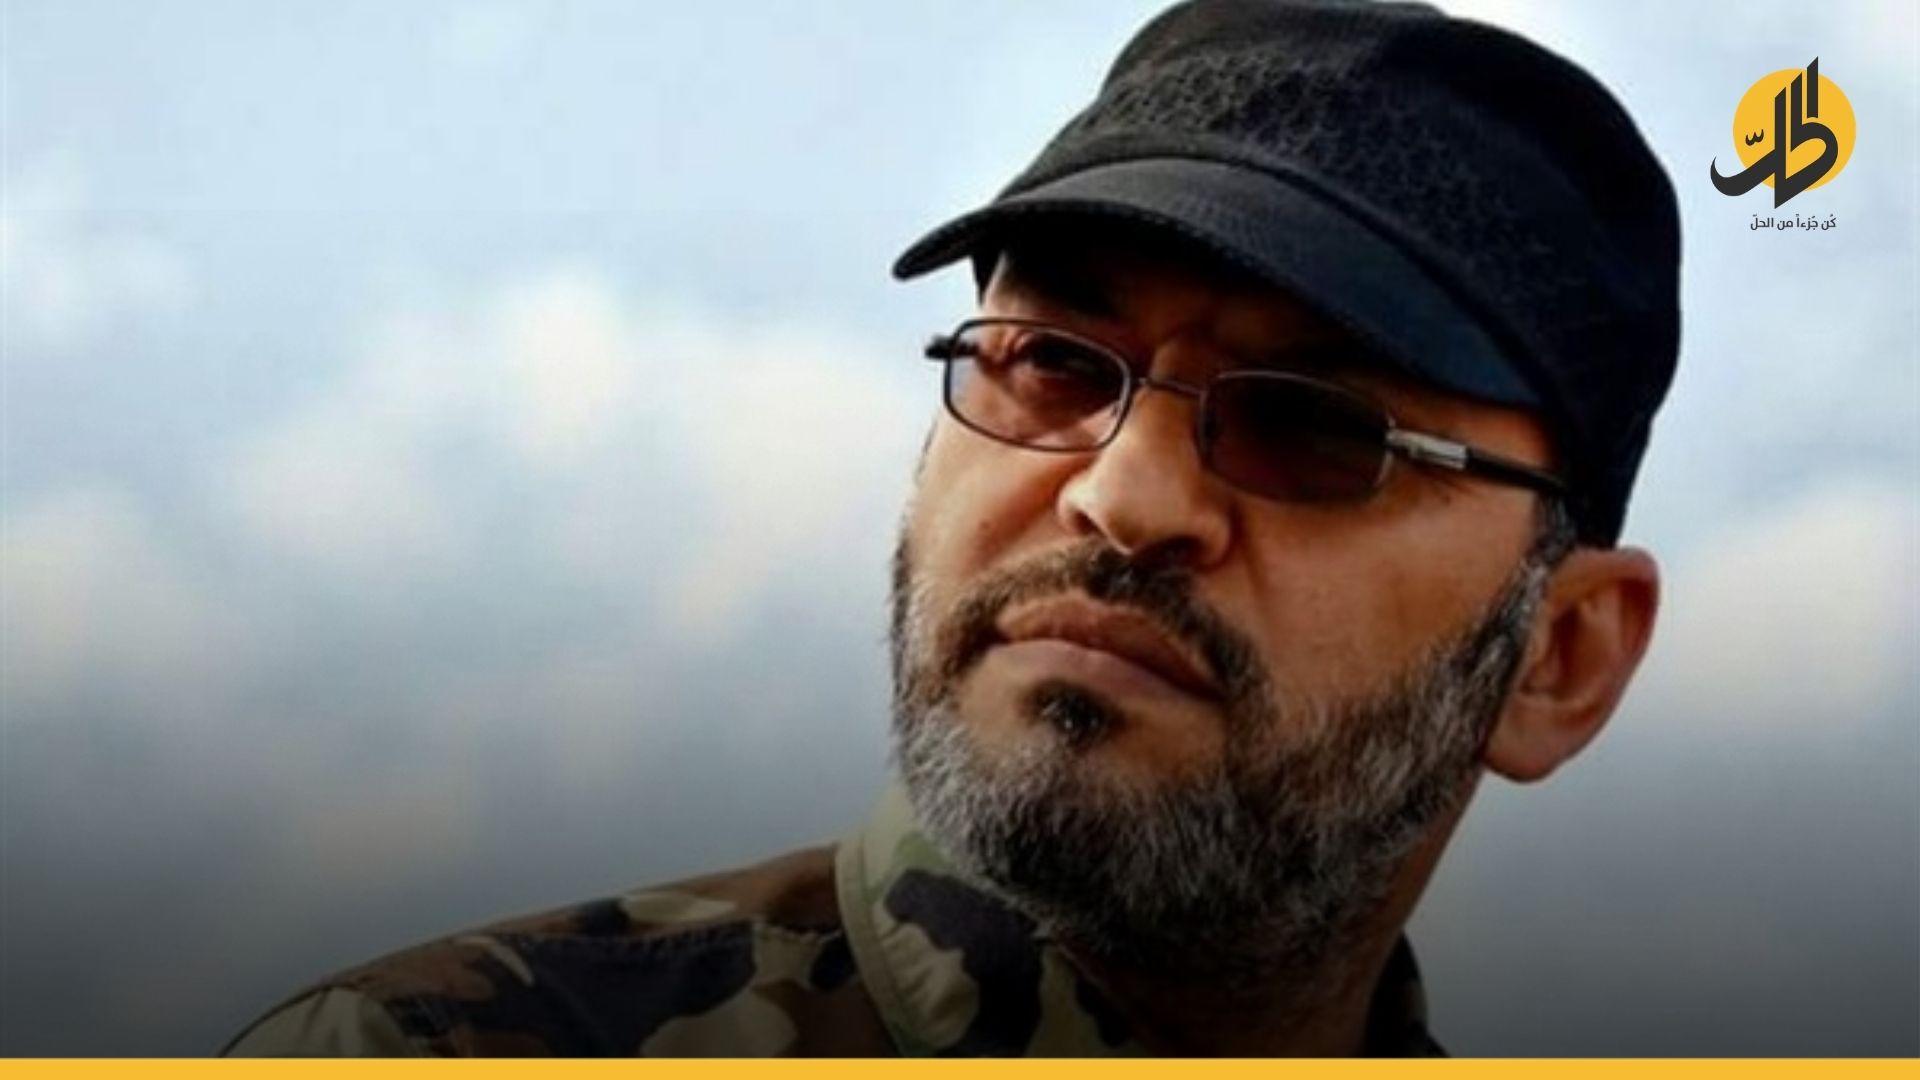 """""""الولائي"""" يُهاجم """"بارزاني"""" وجهاز مكافحة إرهاب كردستان يَرُد عليه: «إرهابي جَبان»!"""